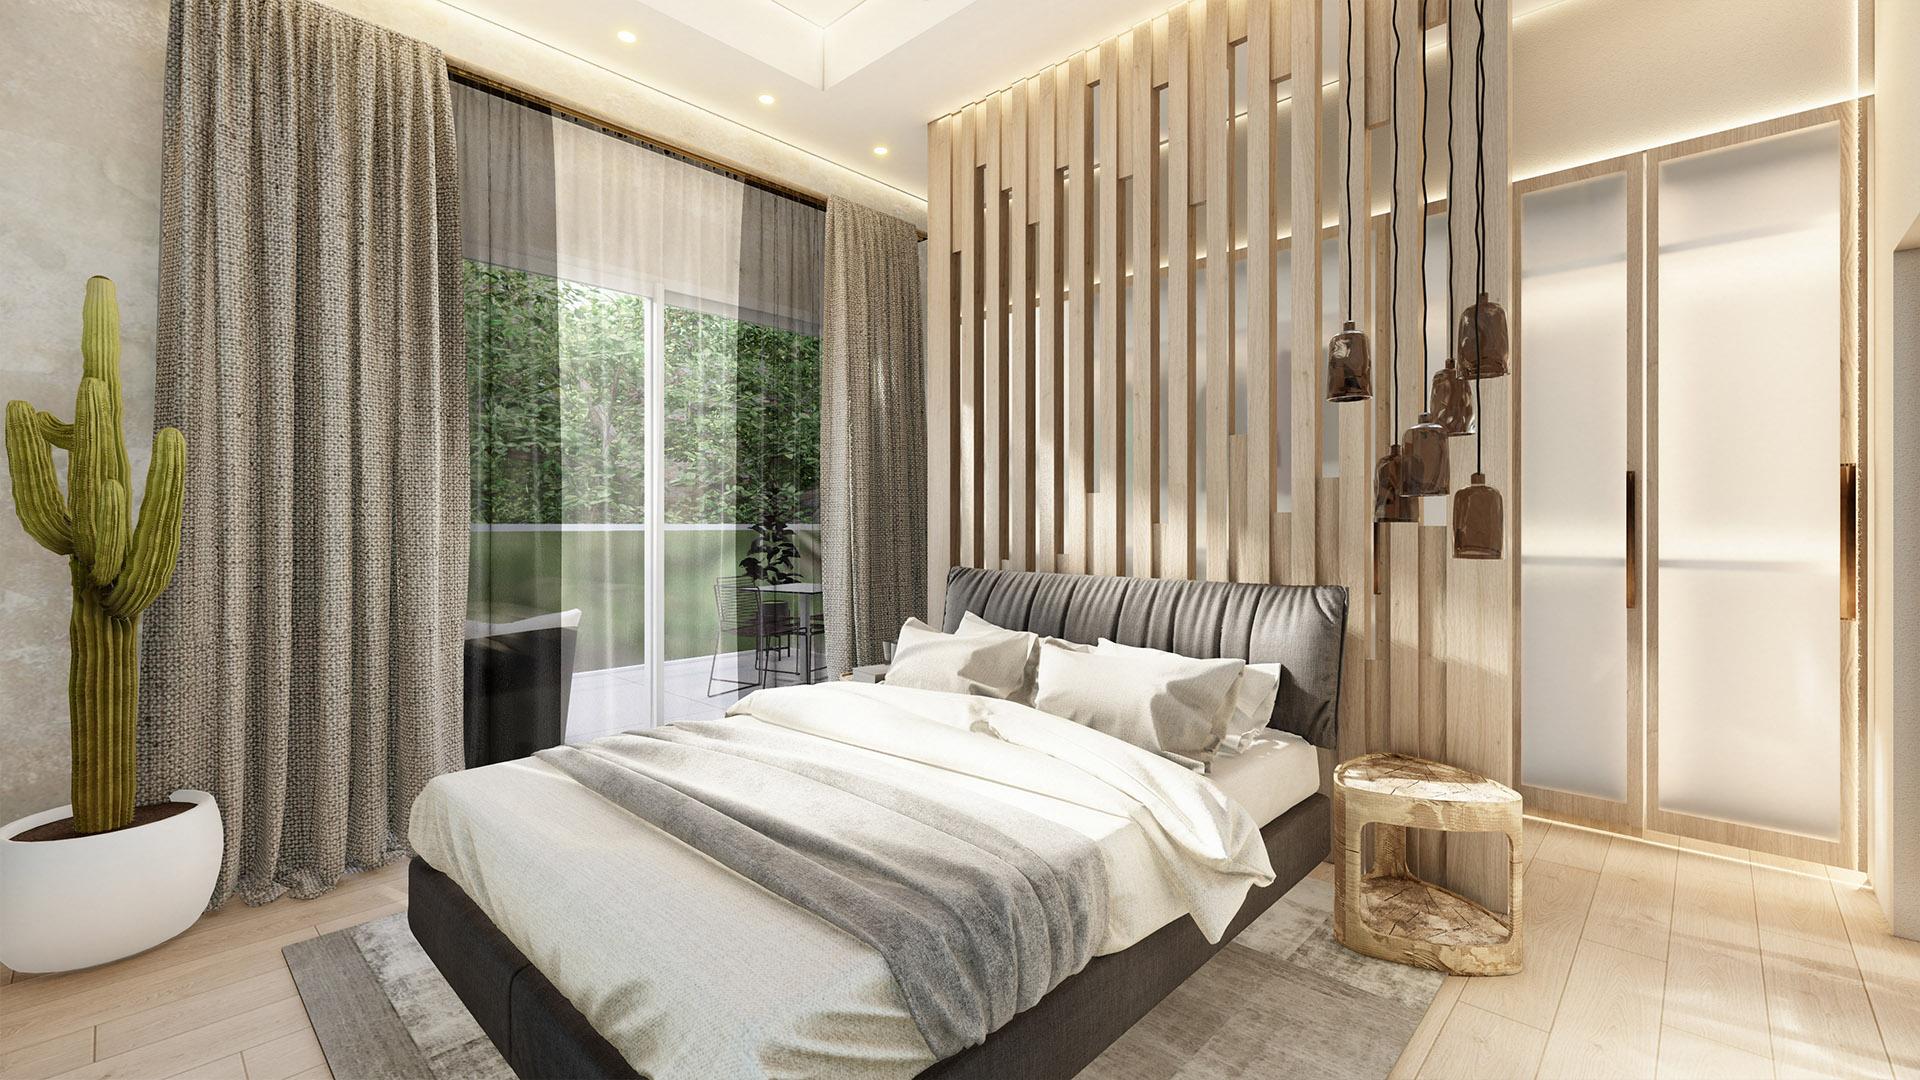 Prodaja stanova Green Hill Dedinje - spavaća soba, stan A41.